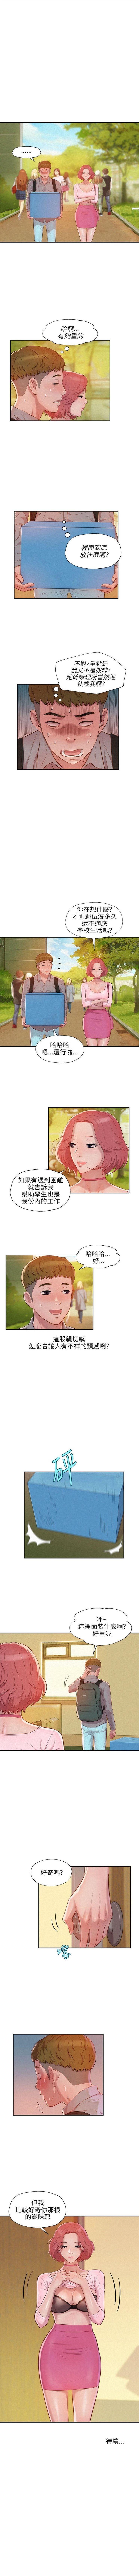 新生淫乱日记 1-61完结(中文) 78